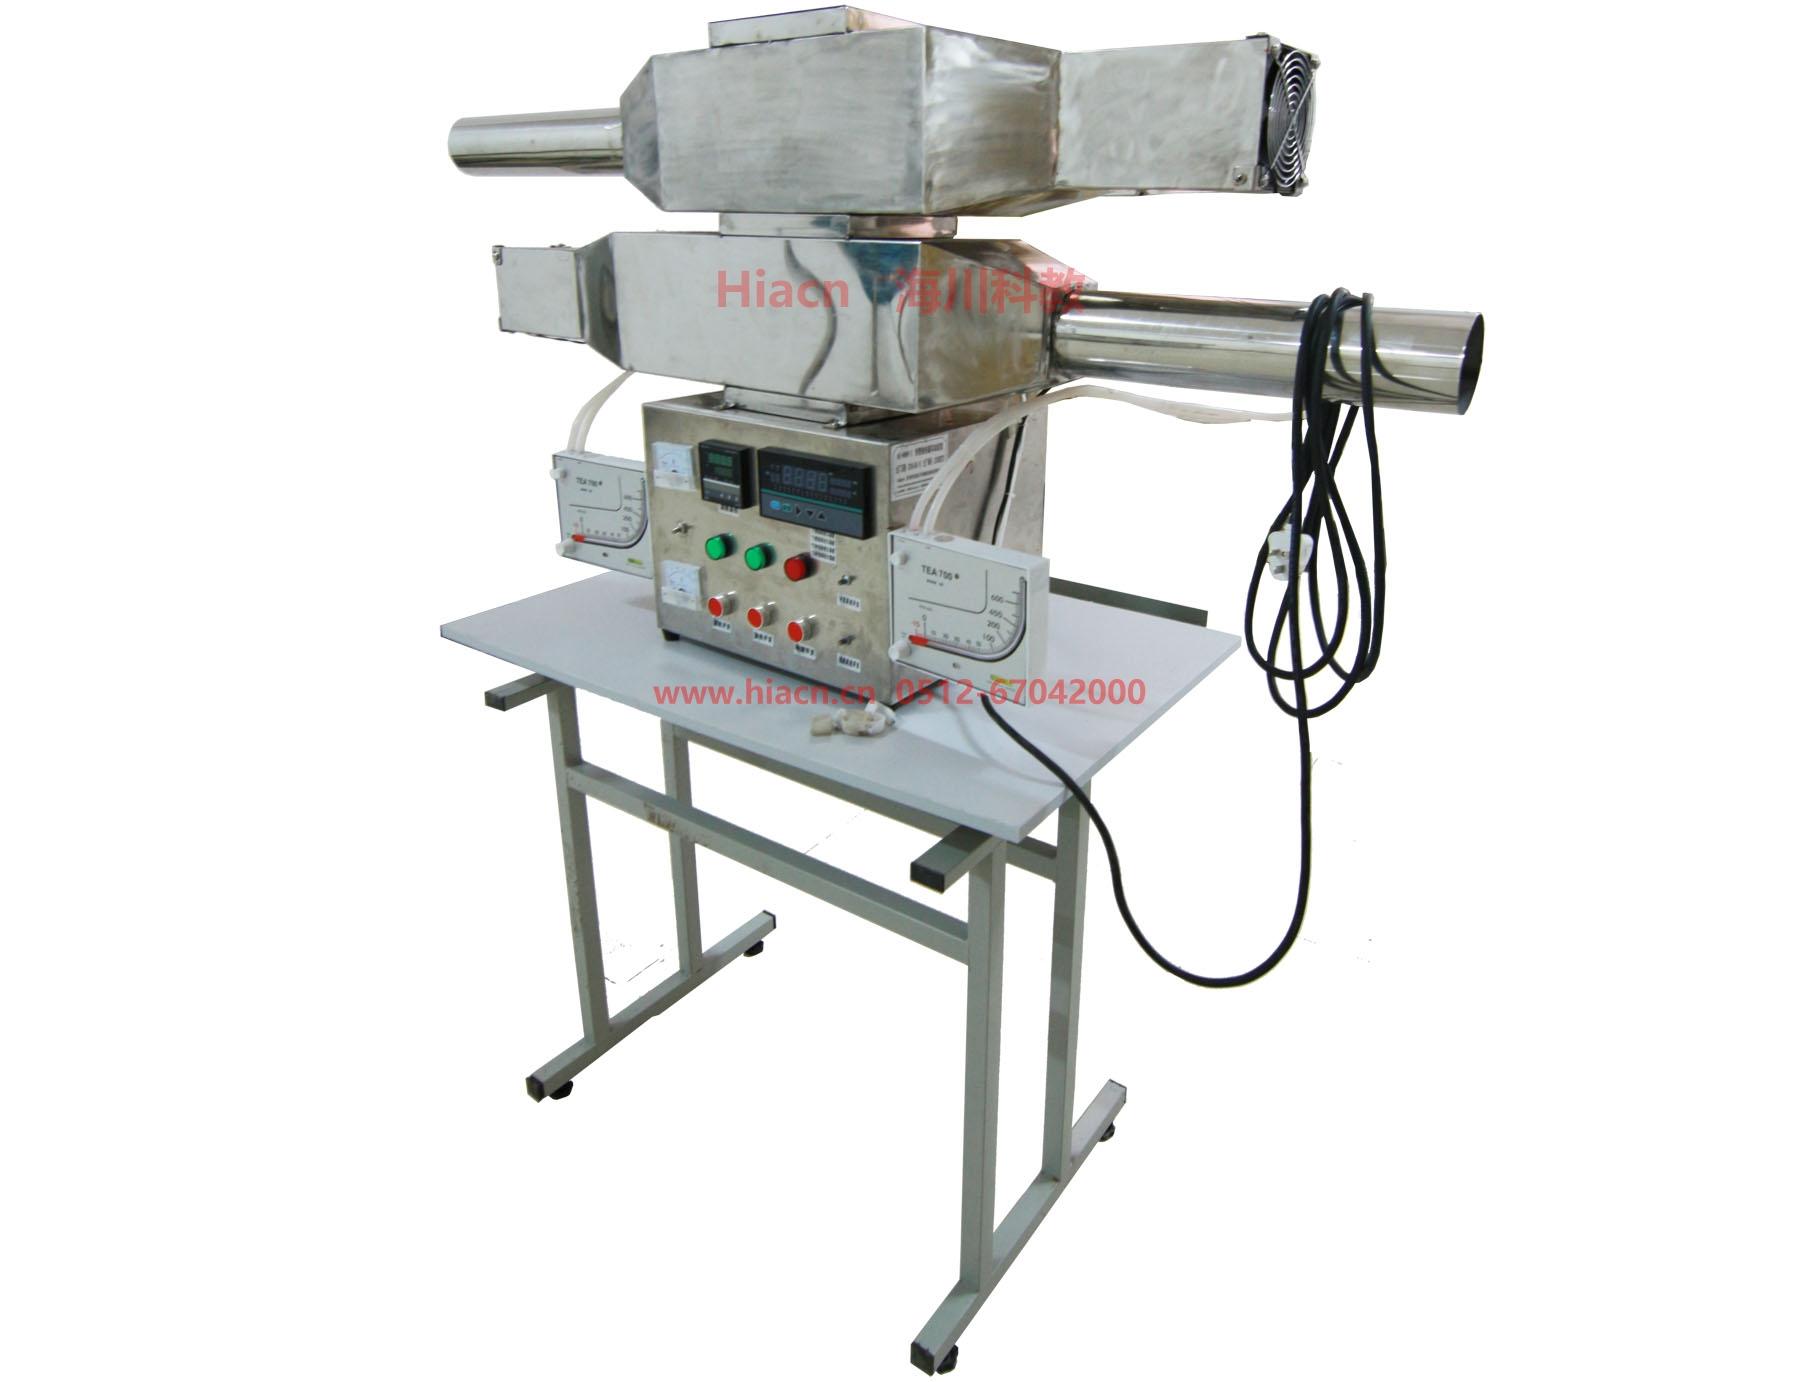 热管换热器实验装置产品图片